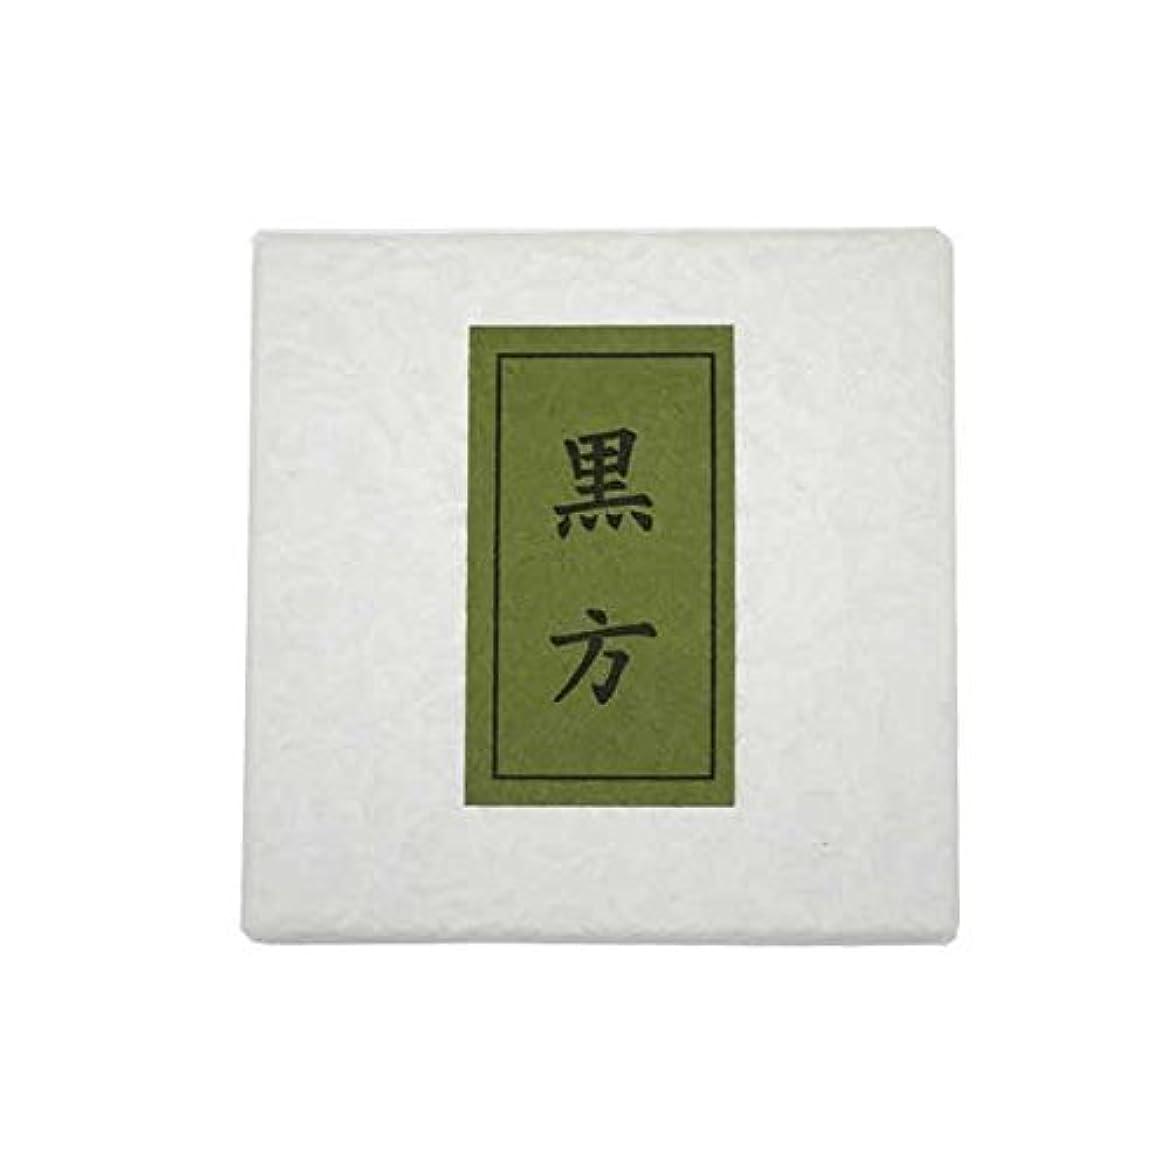 ウォルターカニンガムタイマーピラミッド黒方 紙箱入(ビニール入)